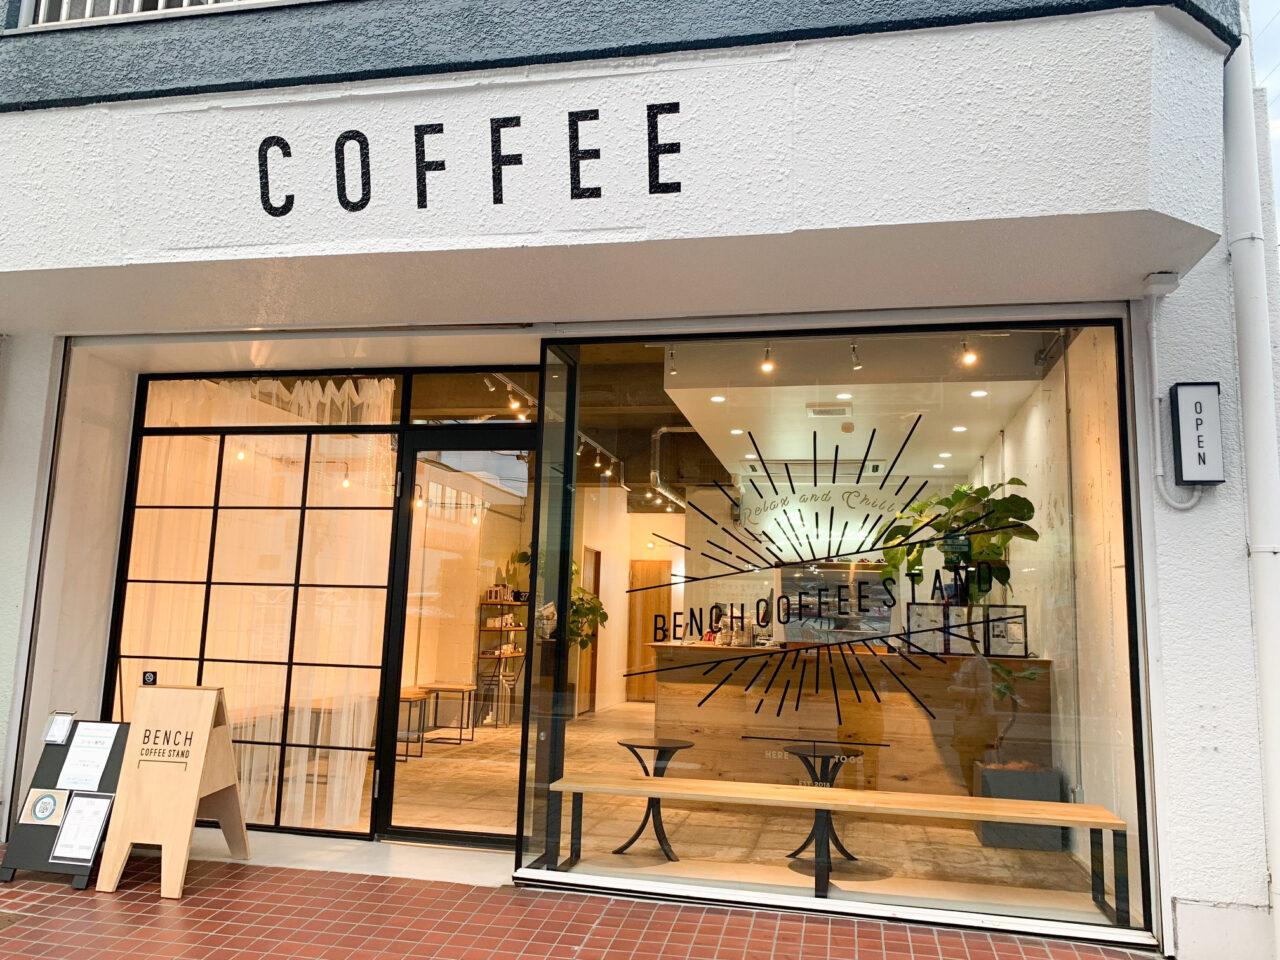 nagoya-benchcoffeestand